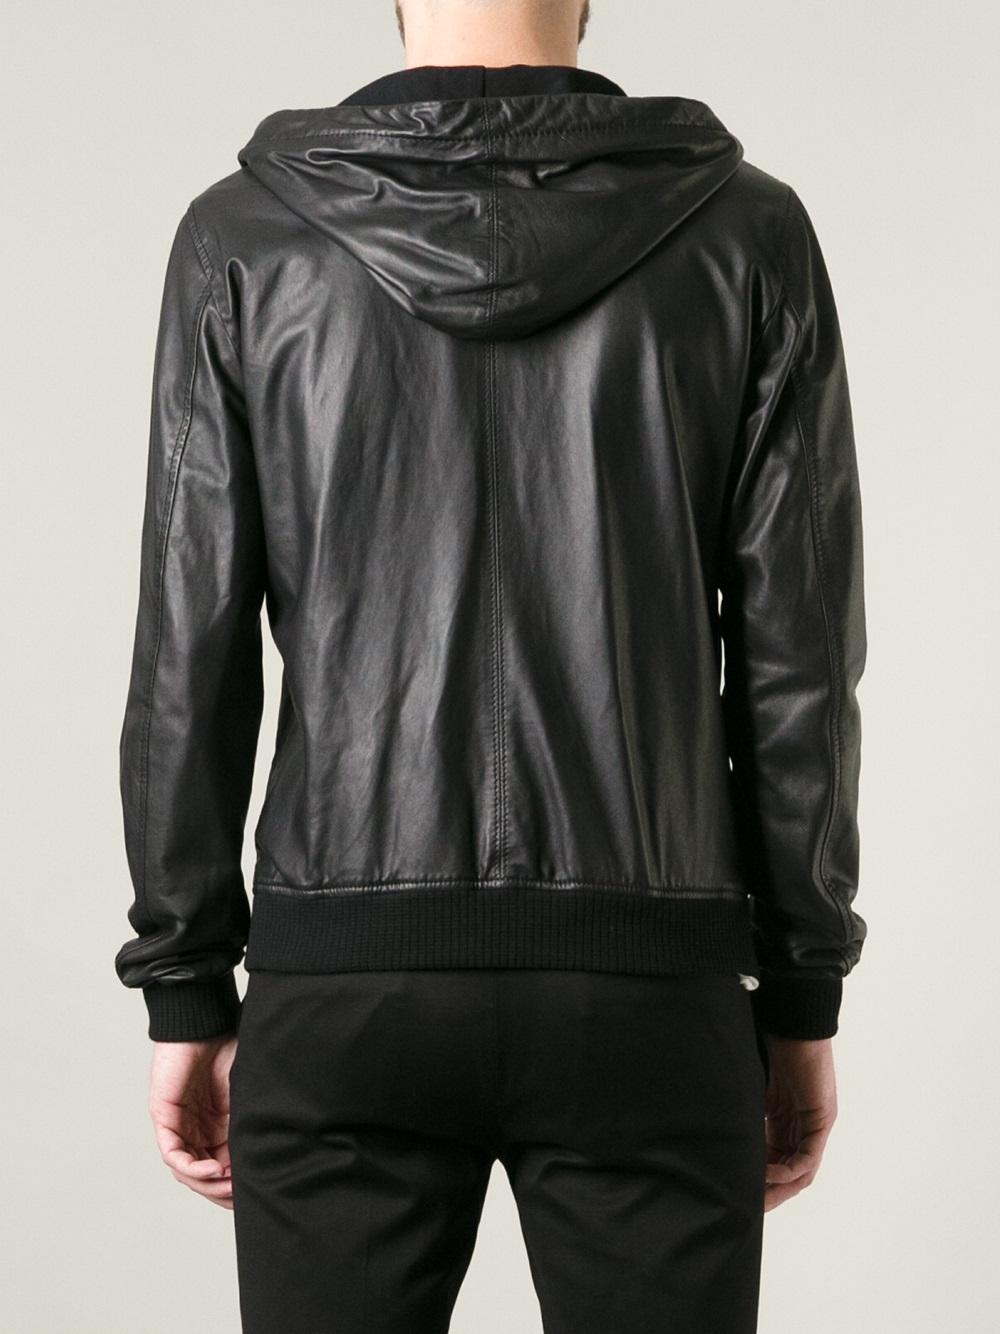 lyst dolce gabbana hooded leather jacket in black for men. Black Bedroom Furniture Sets. Home Design Ideas